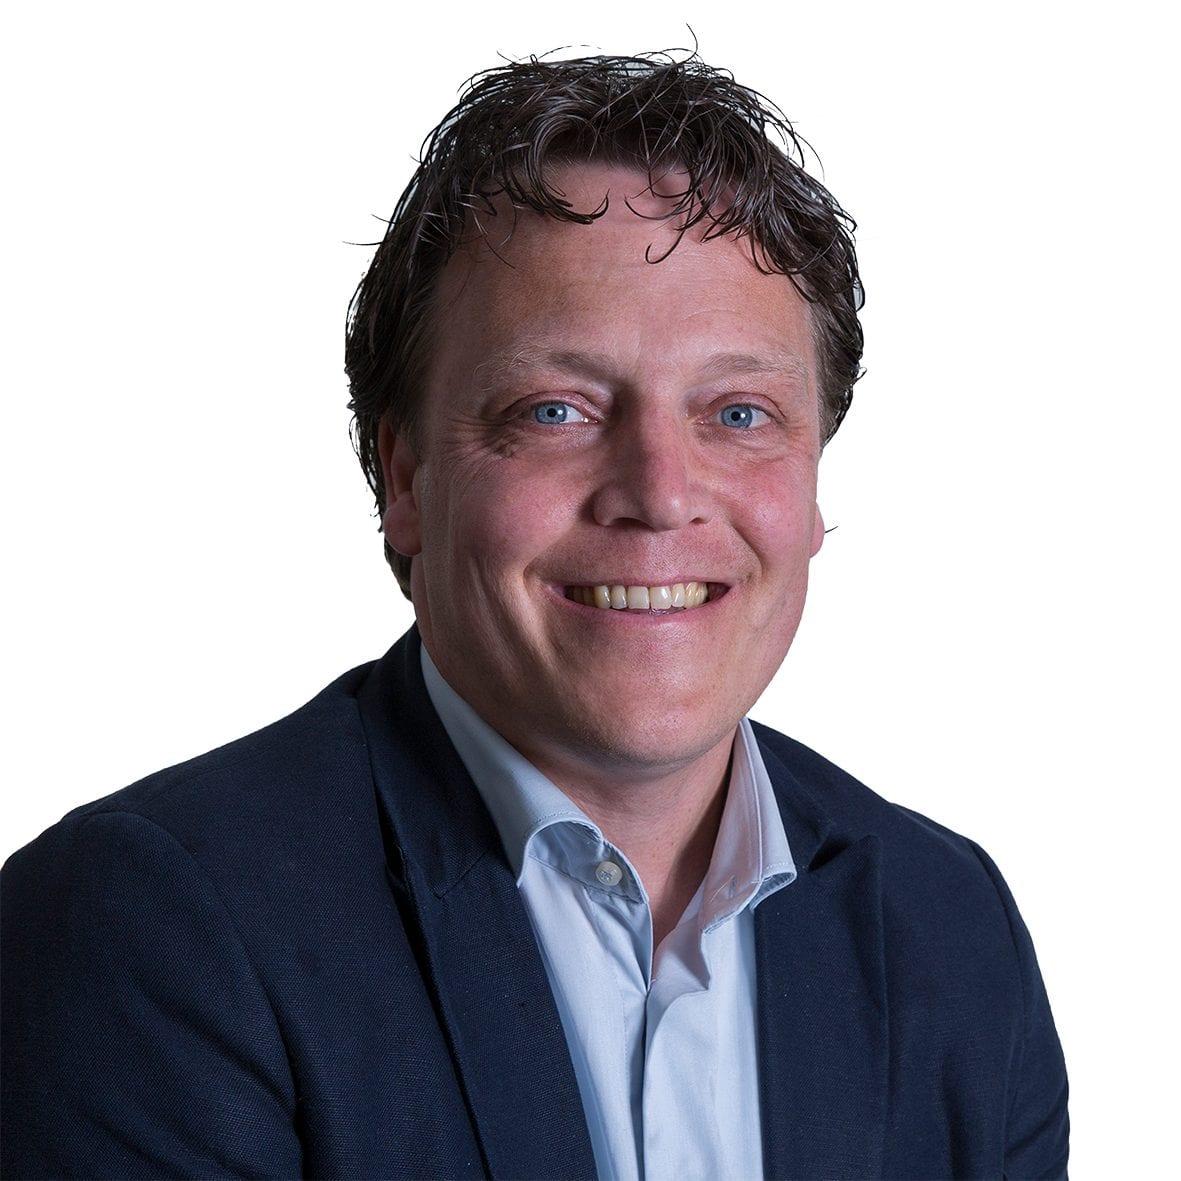 Erik <br />van Hoof